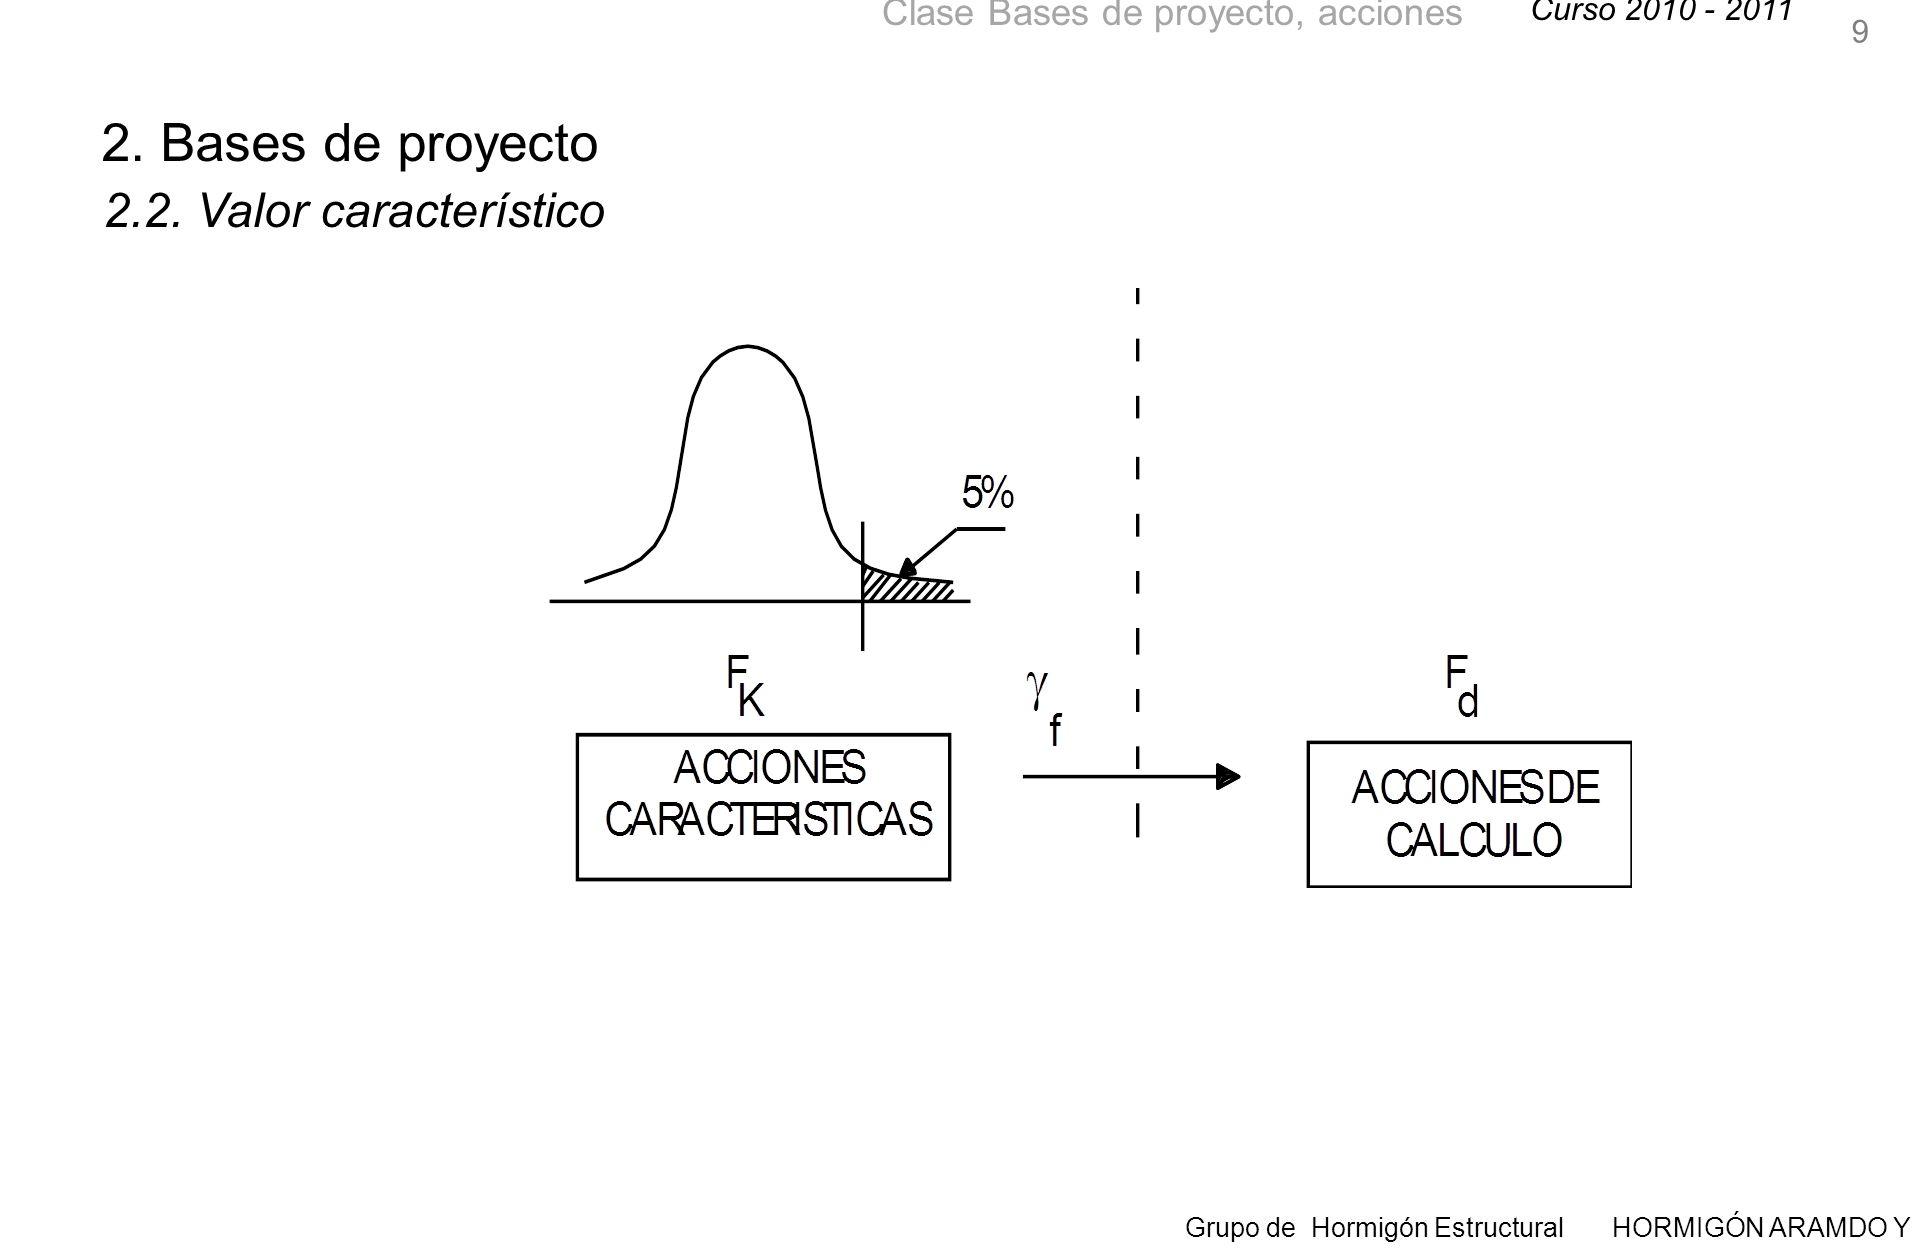 Curso 2010 - 2011 Grupo de Hormigón Estructural HORMIGÓN ARAMDO Y PRETENSADO II Clase Bases de proyecto, acciones 20 2.6.